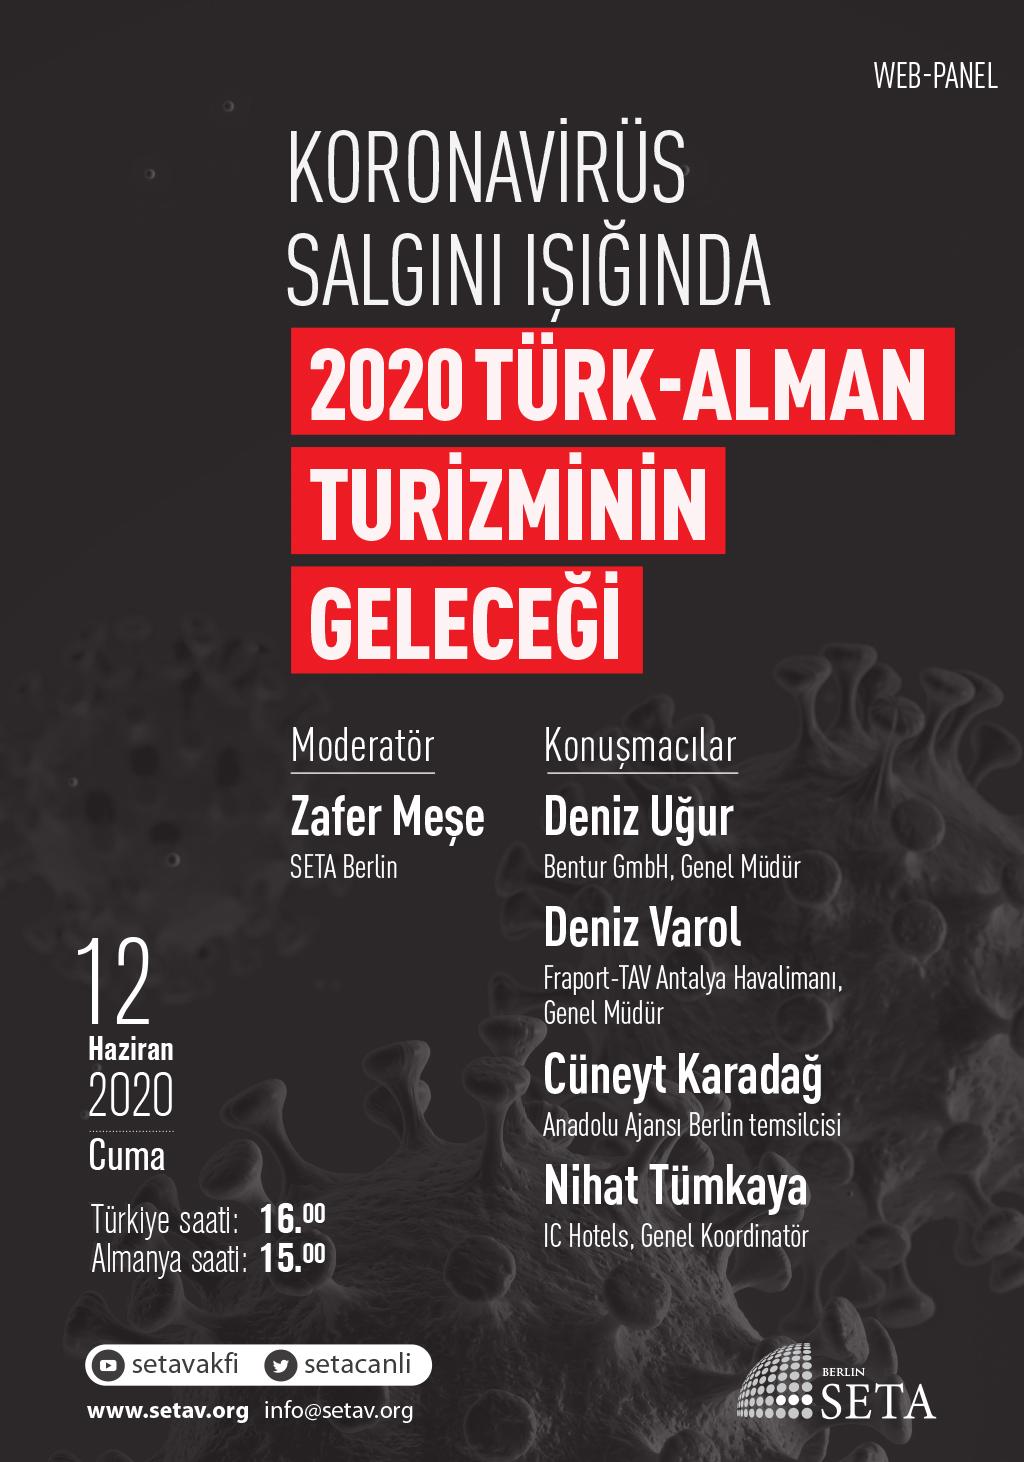 Web Panel: Koronavirüs salgını ışığında 2020 Türk-Alman turizminin geleceği